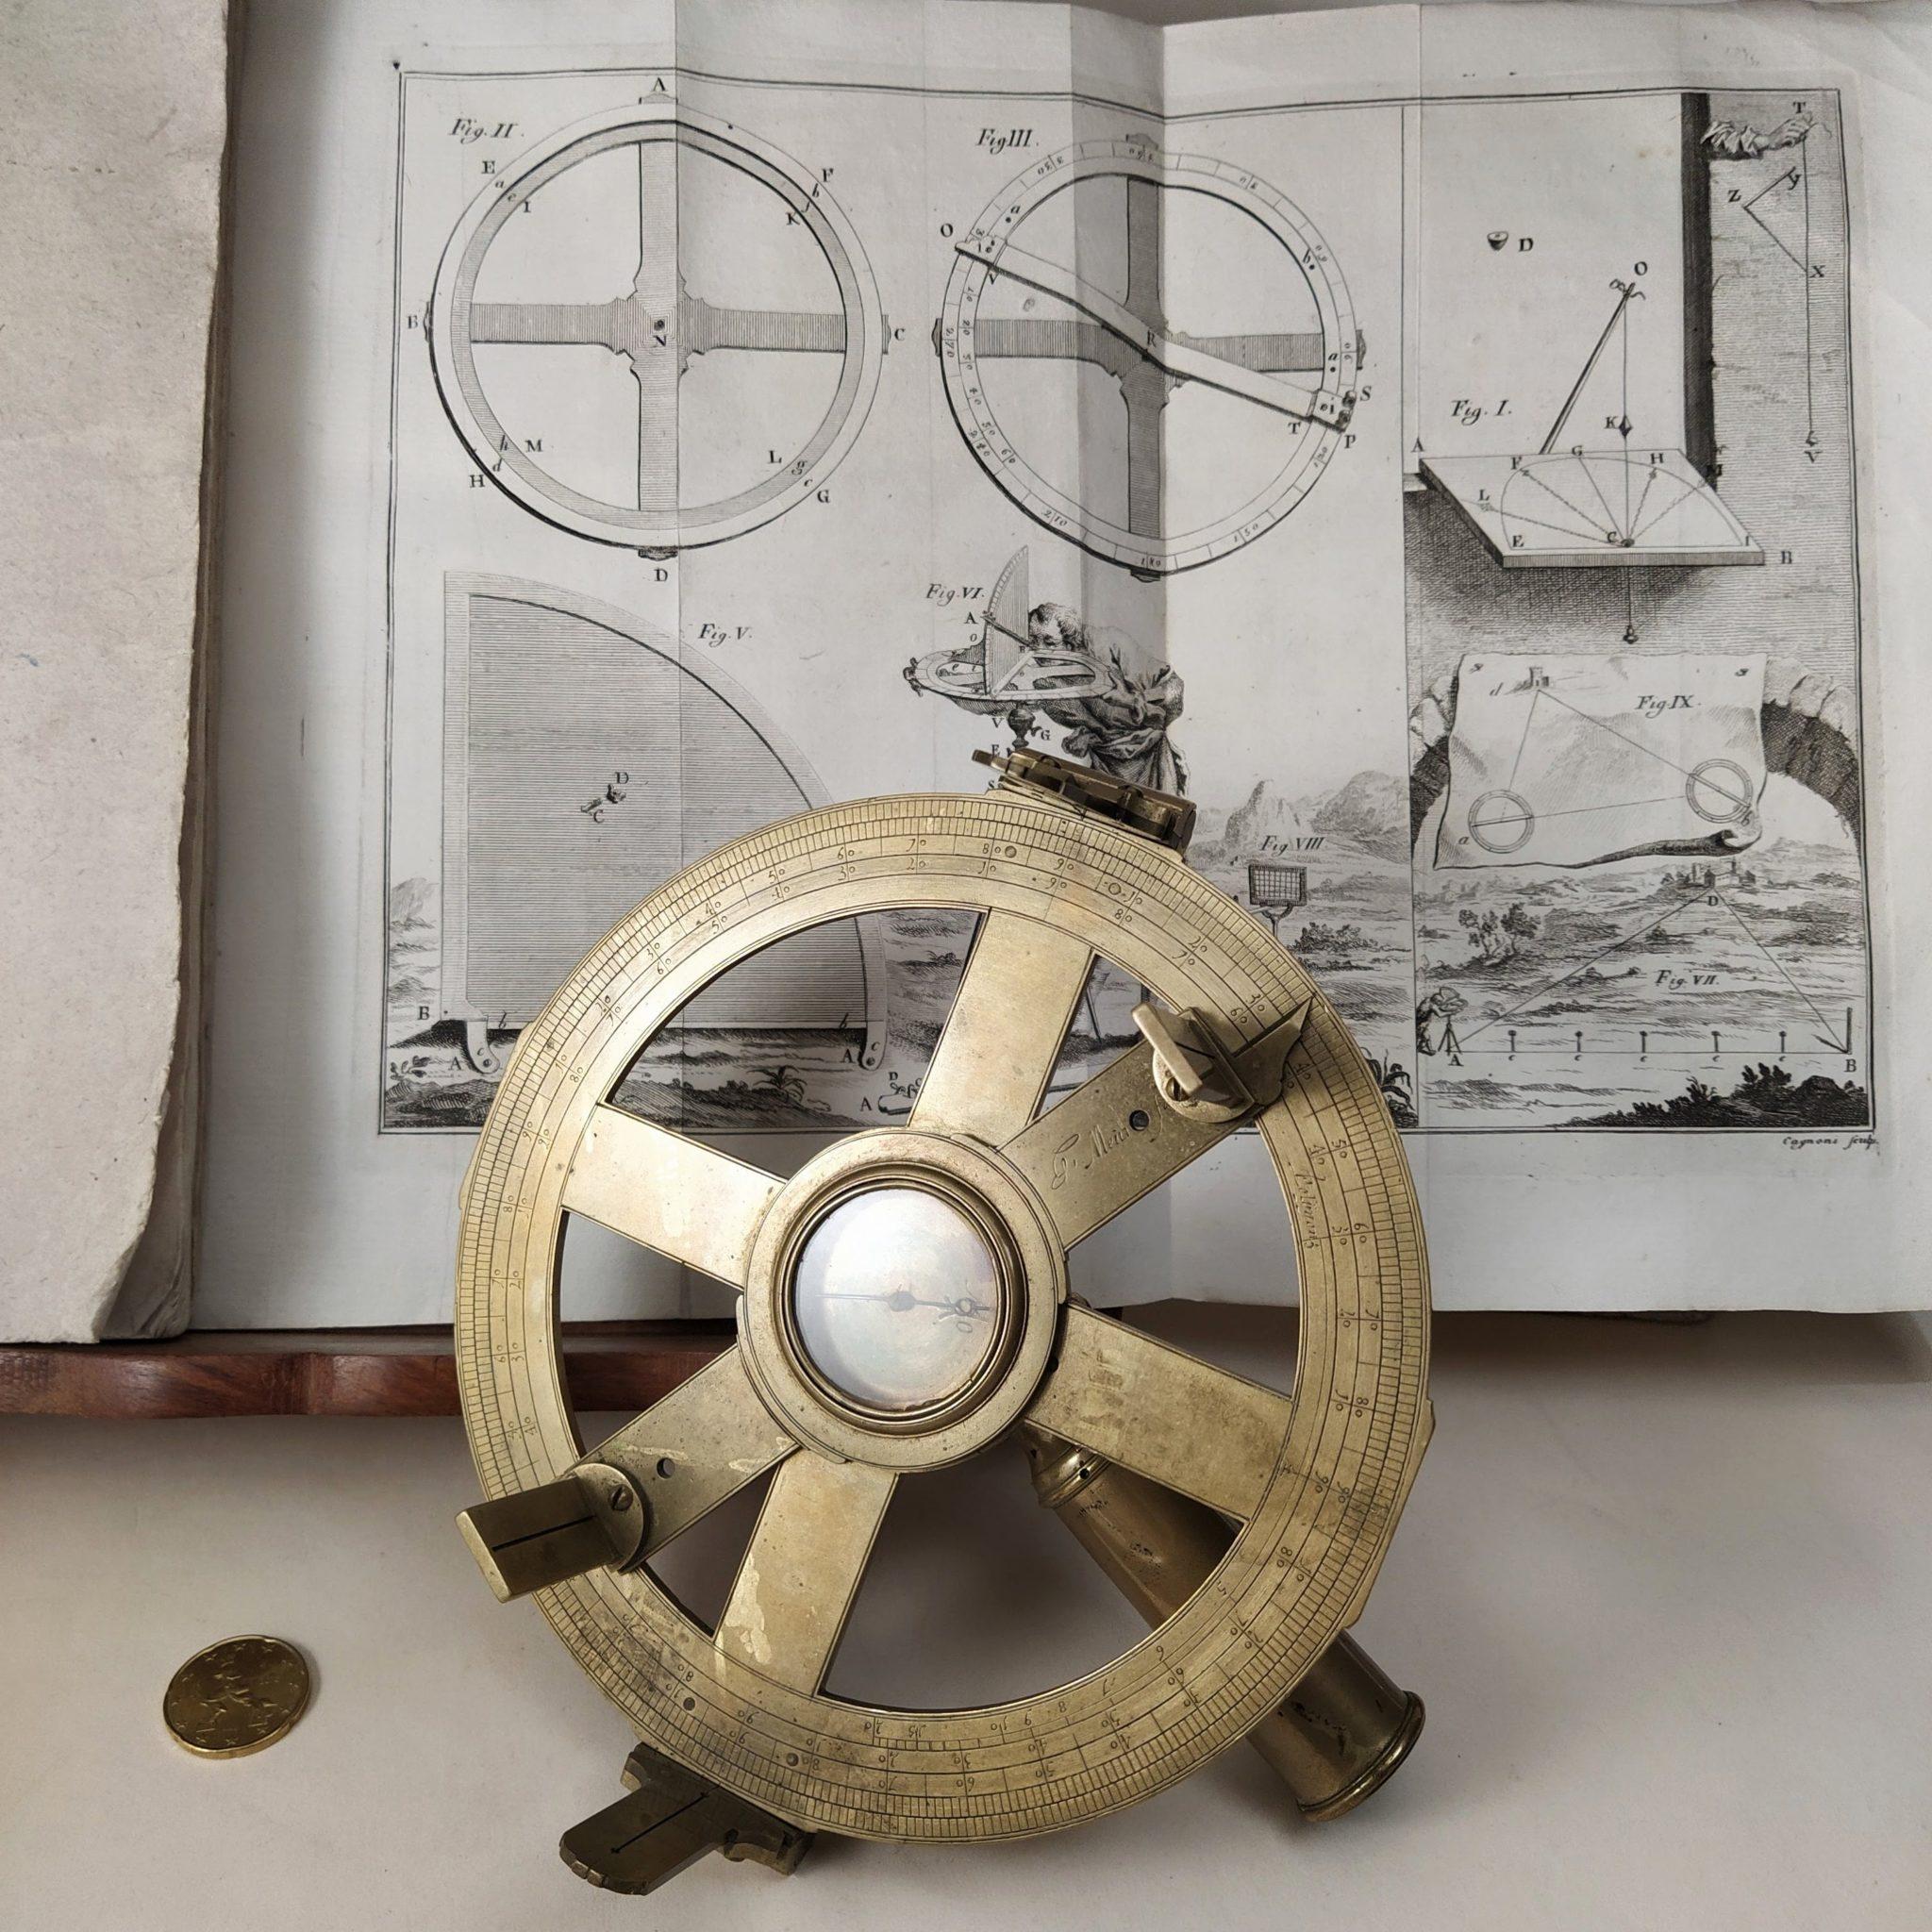 Holland Circle – Circumferentor c.1680